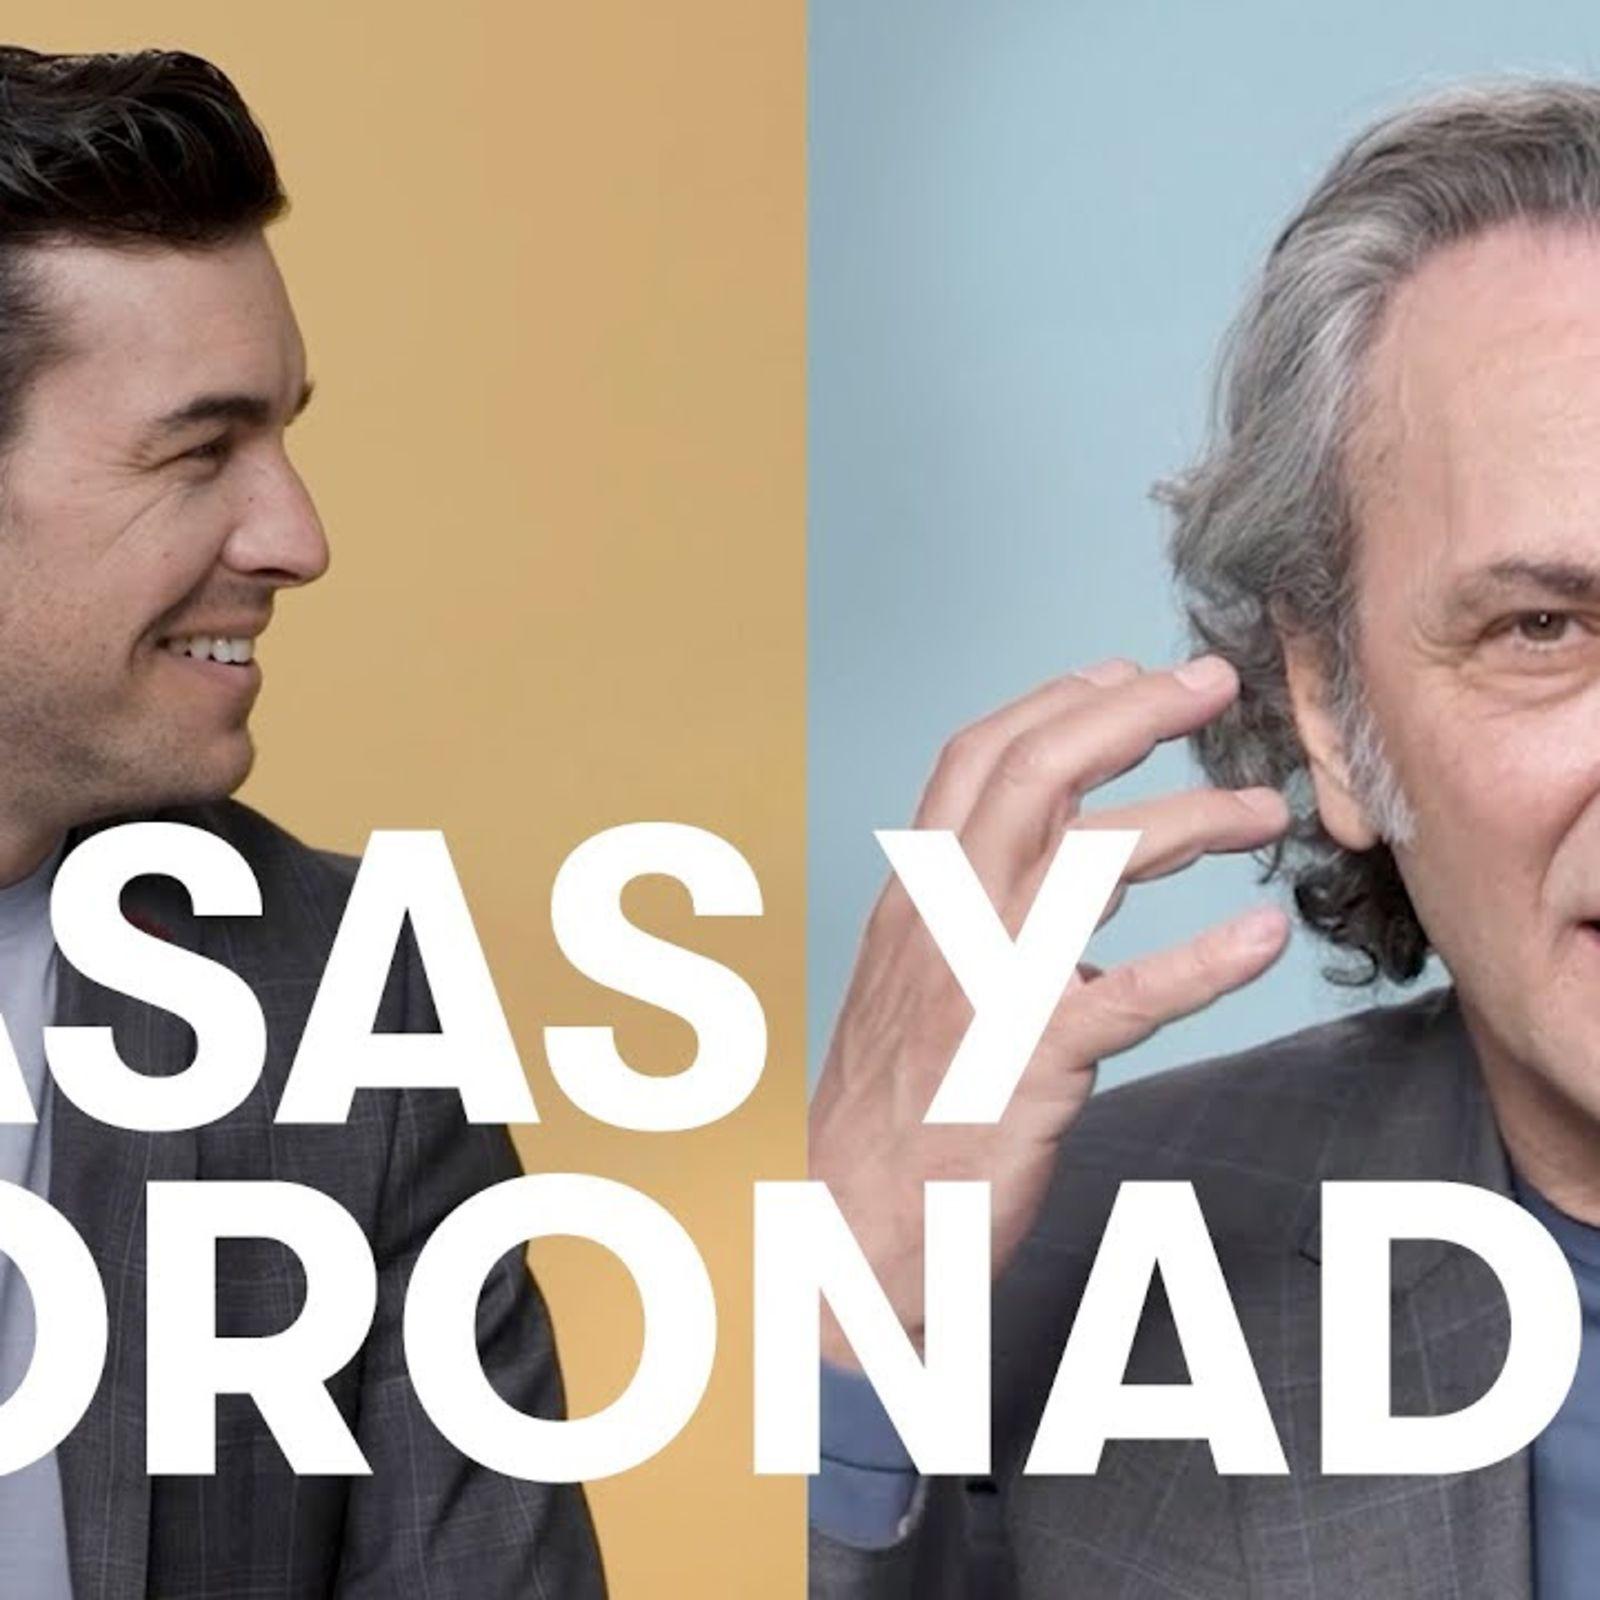 Mario Casas y Jose Coronado son la misma persona